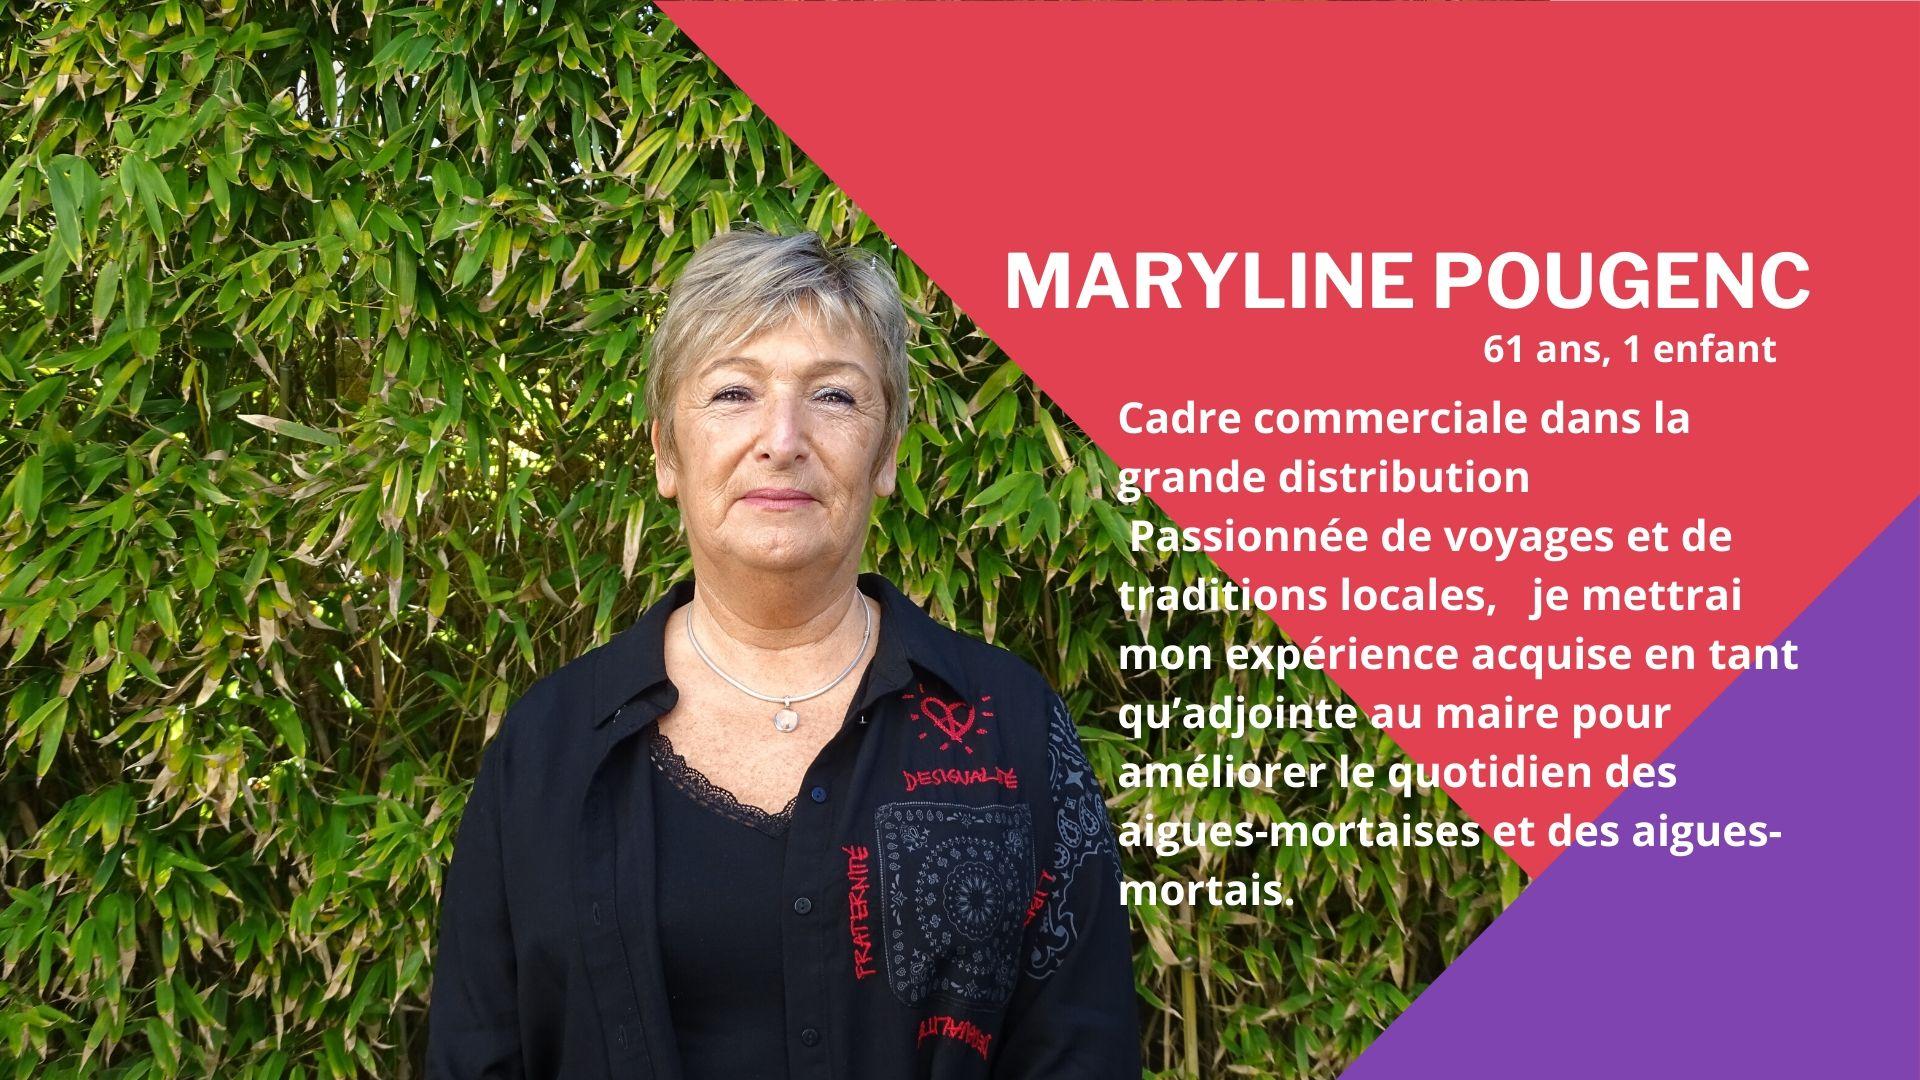 Le Revivre - Maryline Pougenc